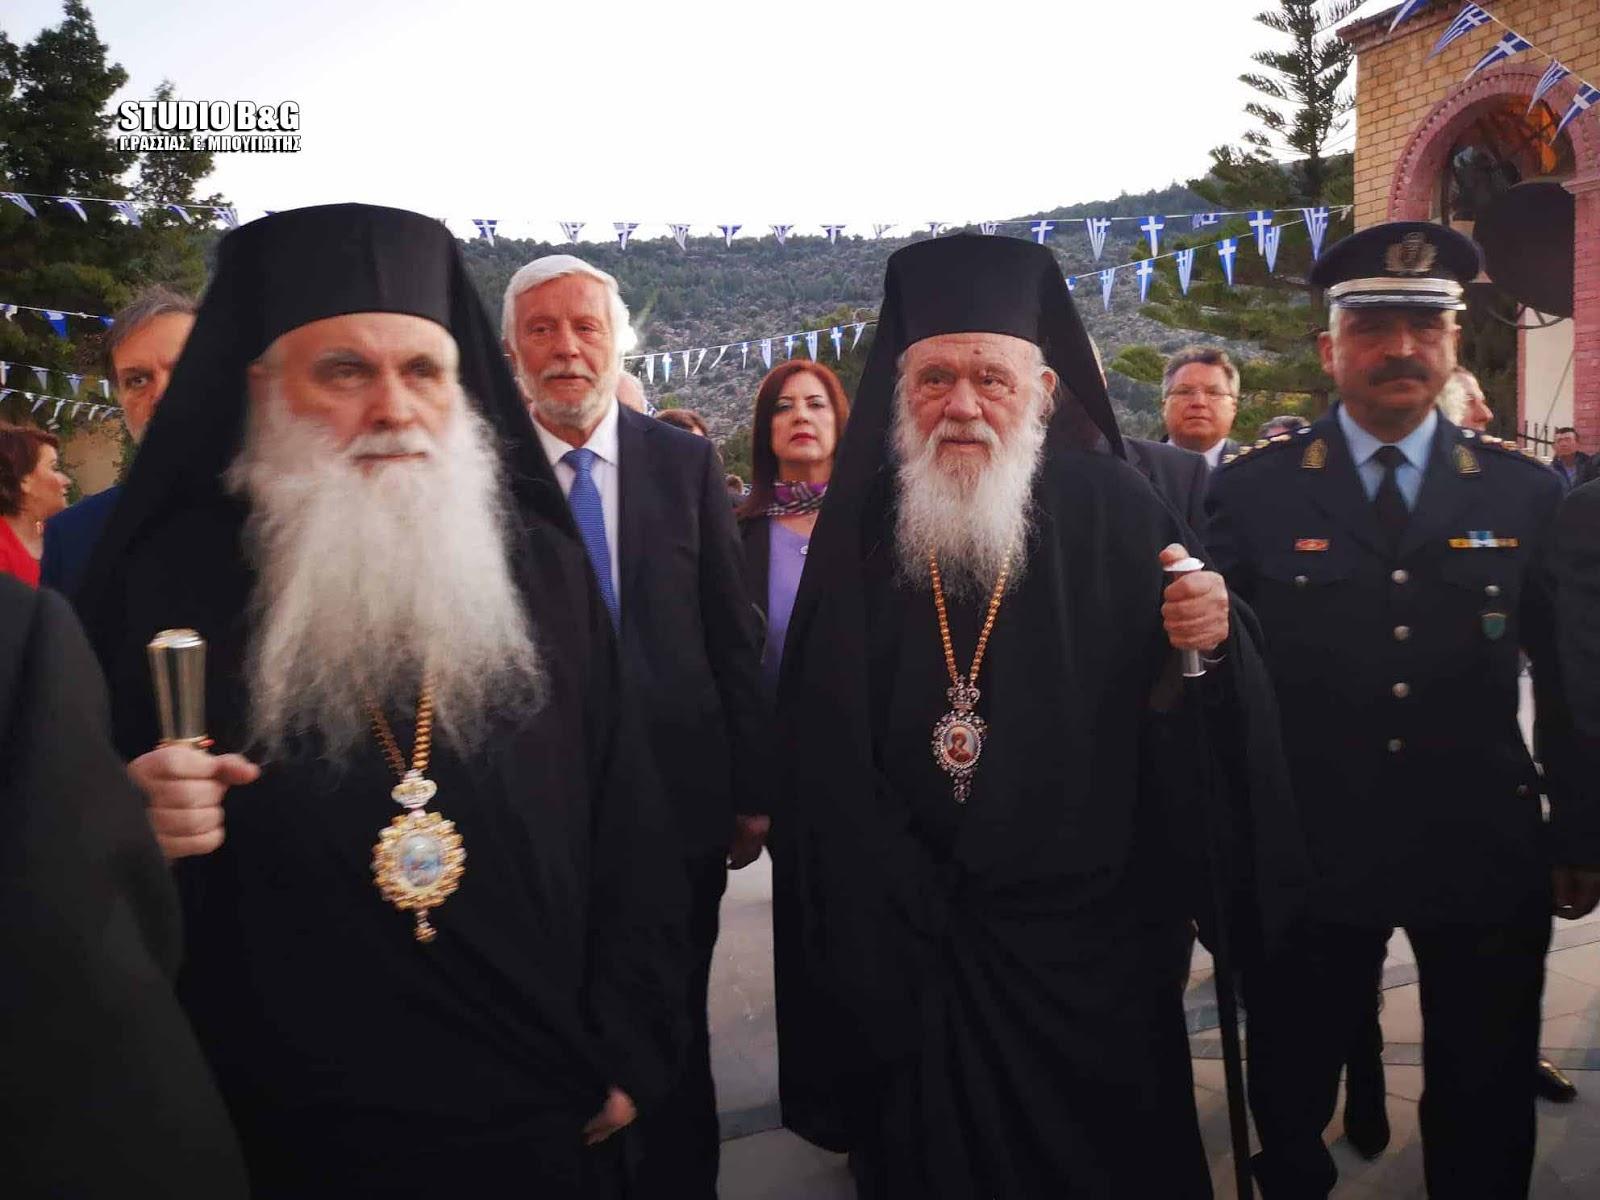 Ο Εσπερινός του Ευαγγελισμού στο Ναύπλιο με την παρουσία του Αρχιεπισκόπου Αθηνών και πάσης Ελλάδος